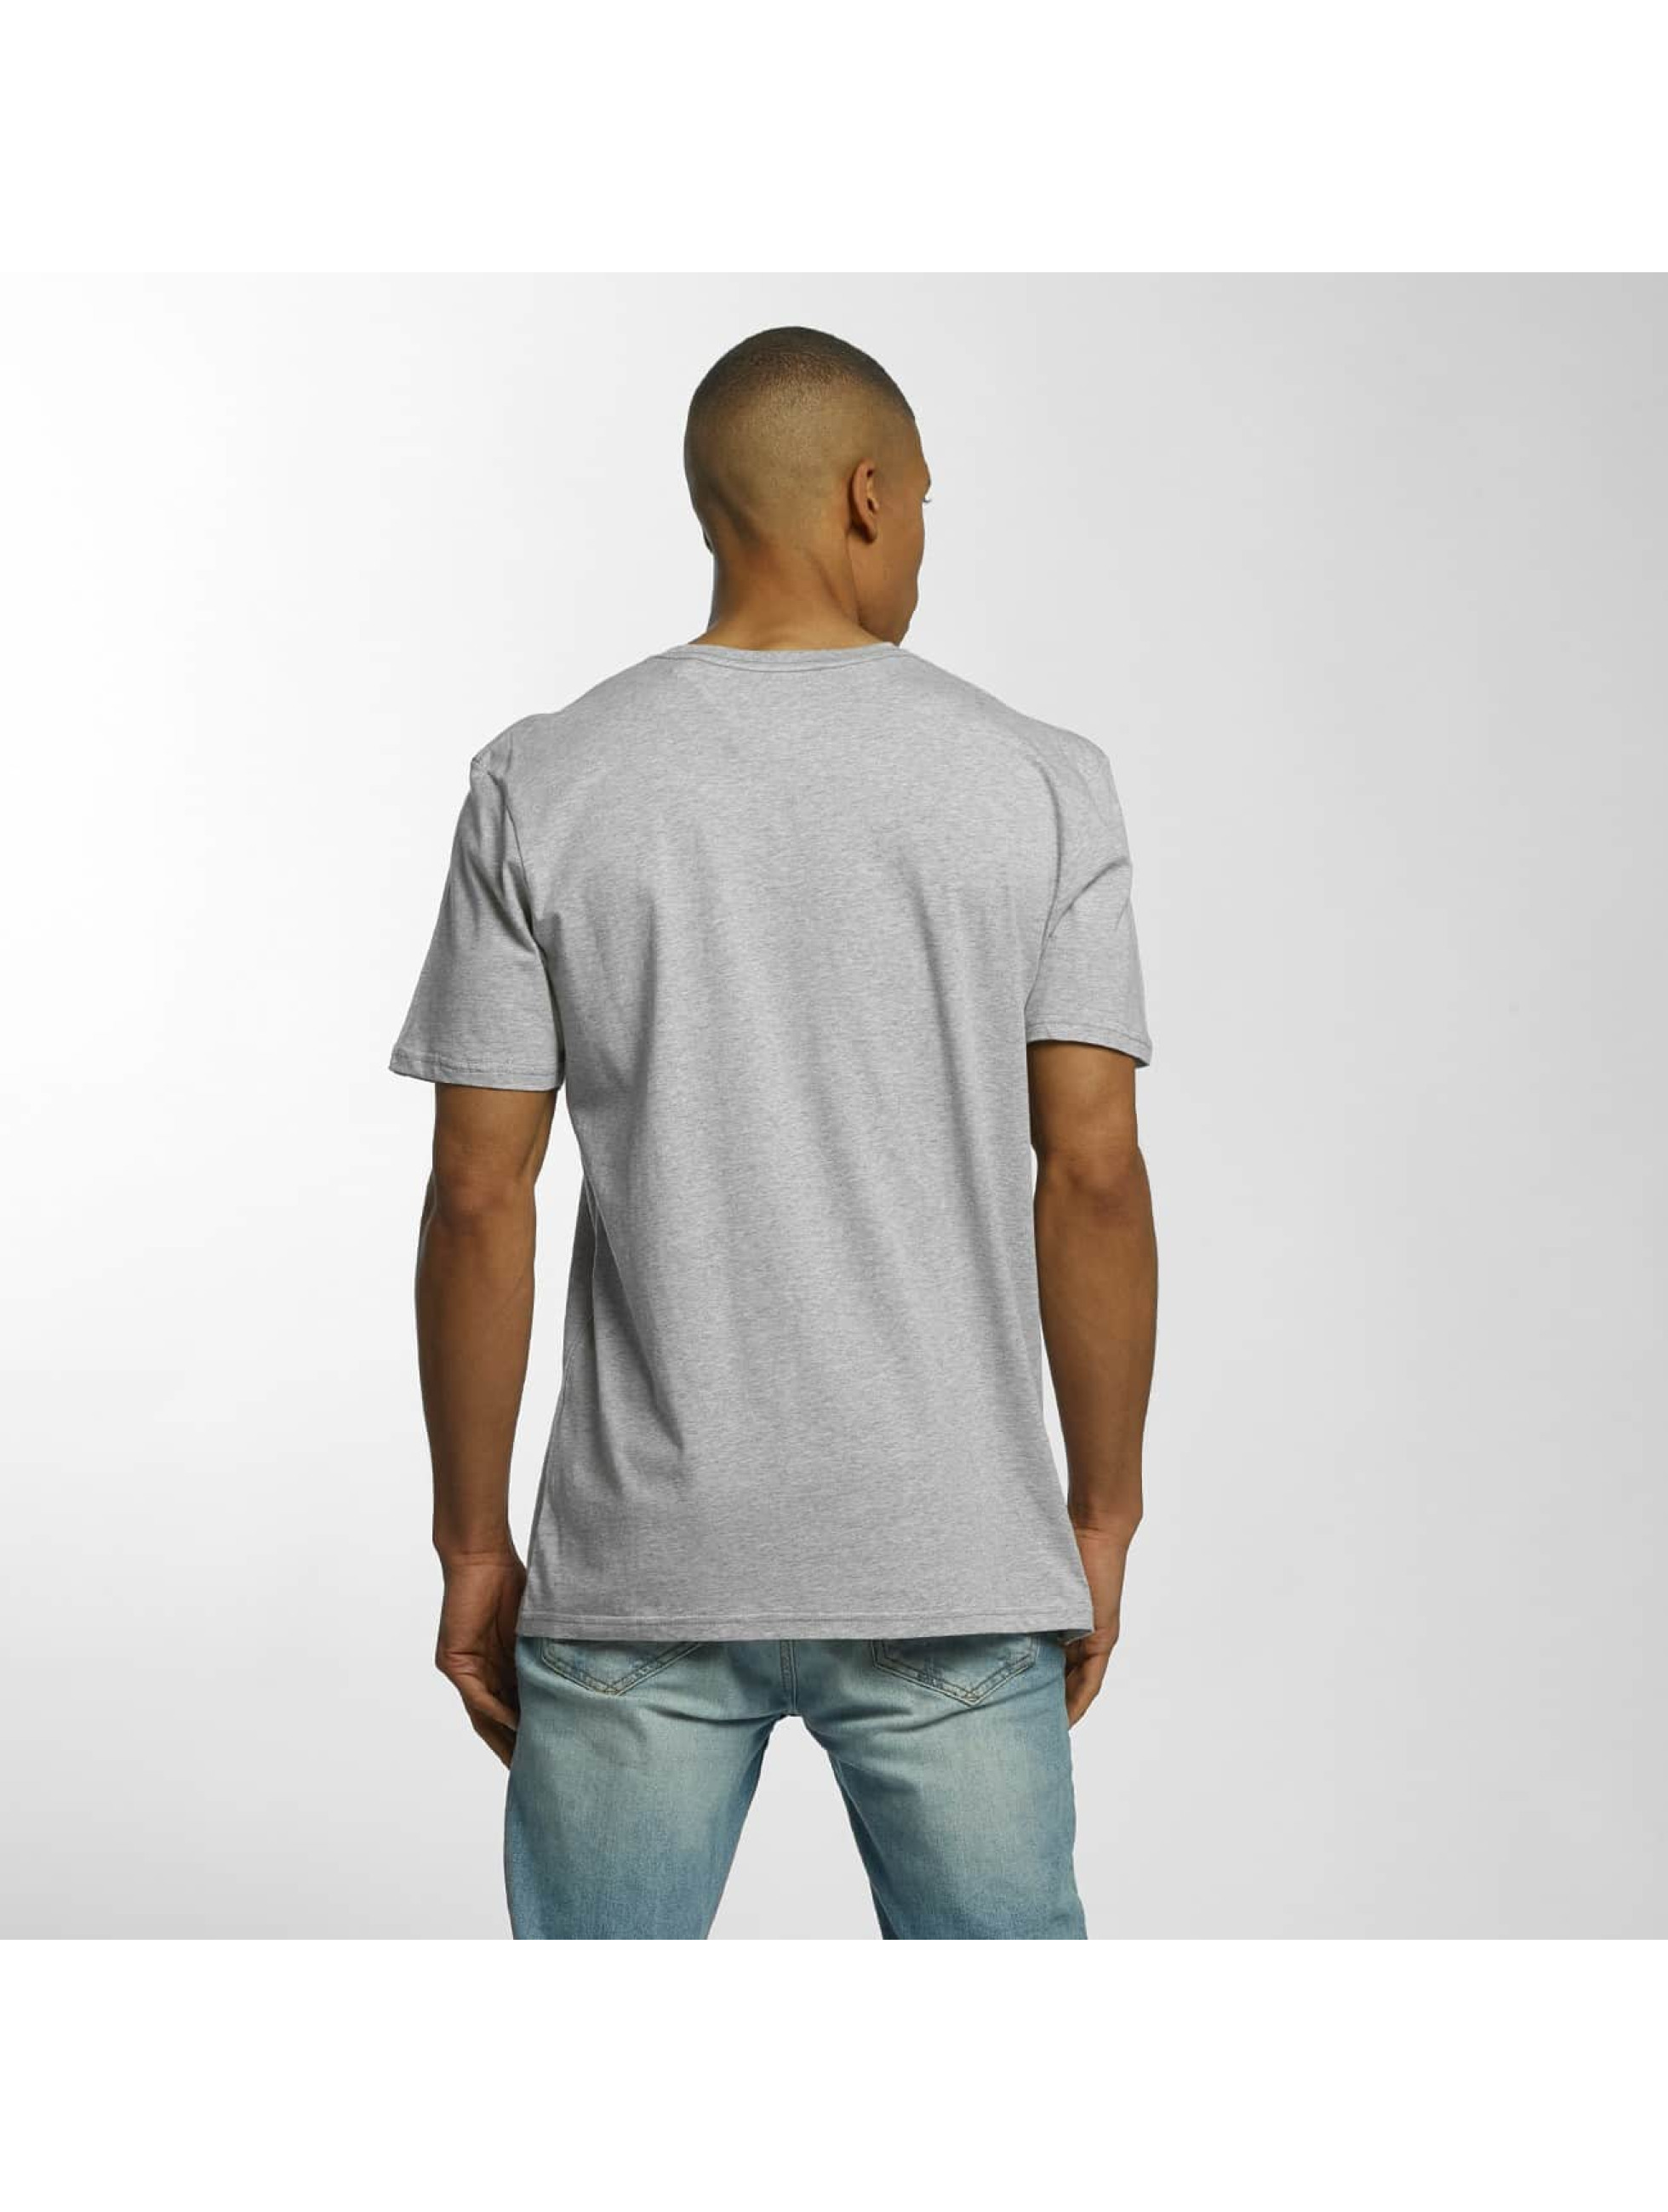 Quiksilver Camiseta Classic Daily Surf gris